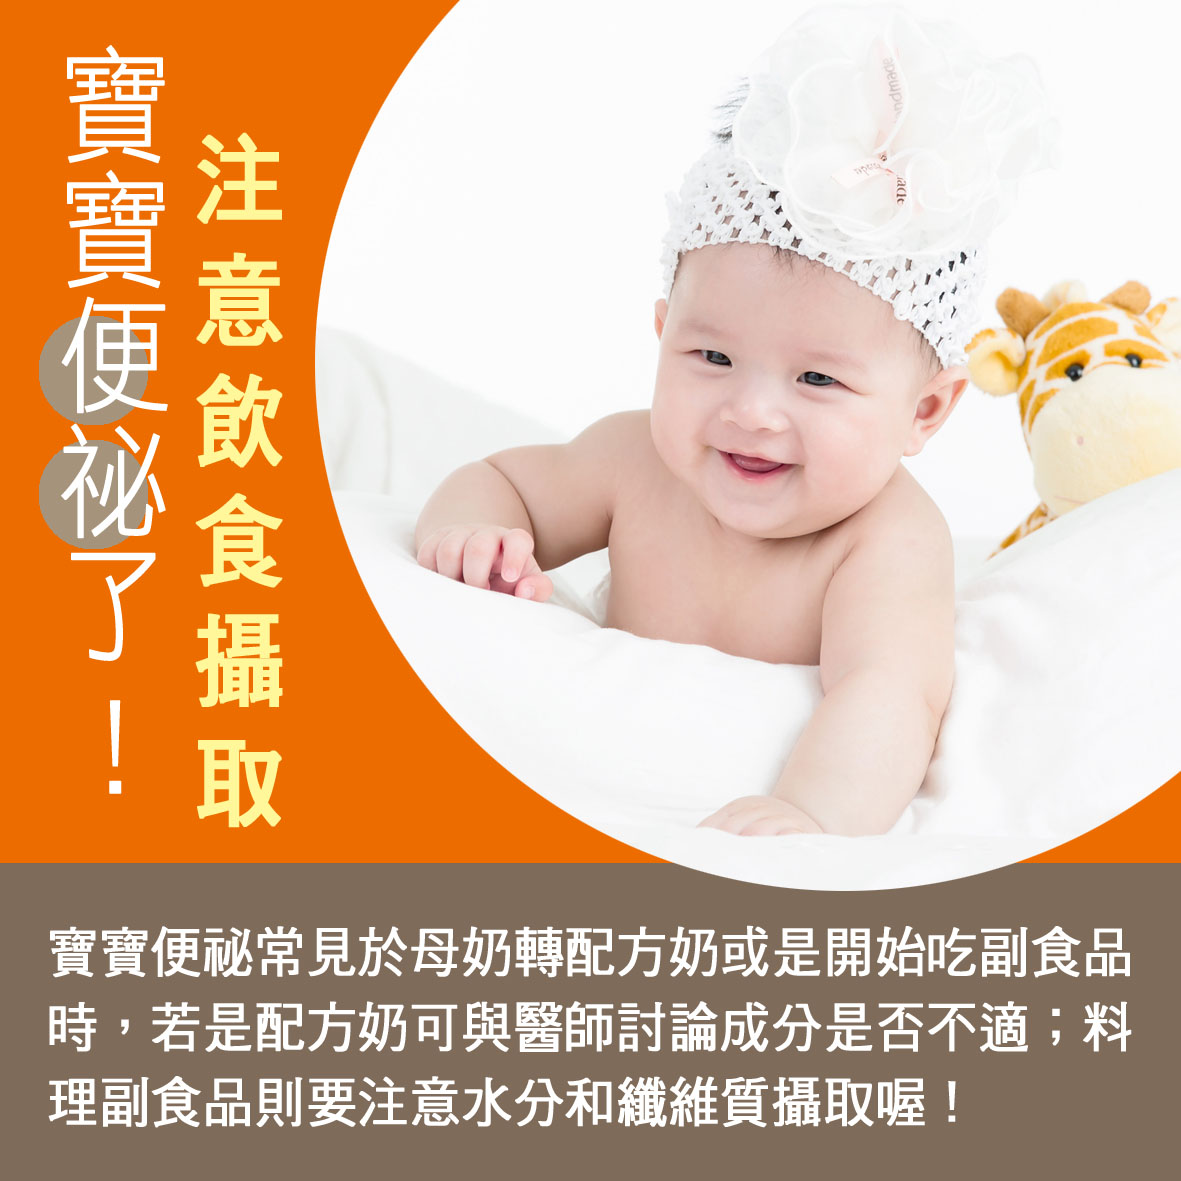 寶寶篇第18週--寶寶便祕了!注意飲食攝取